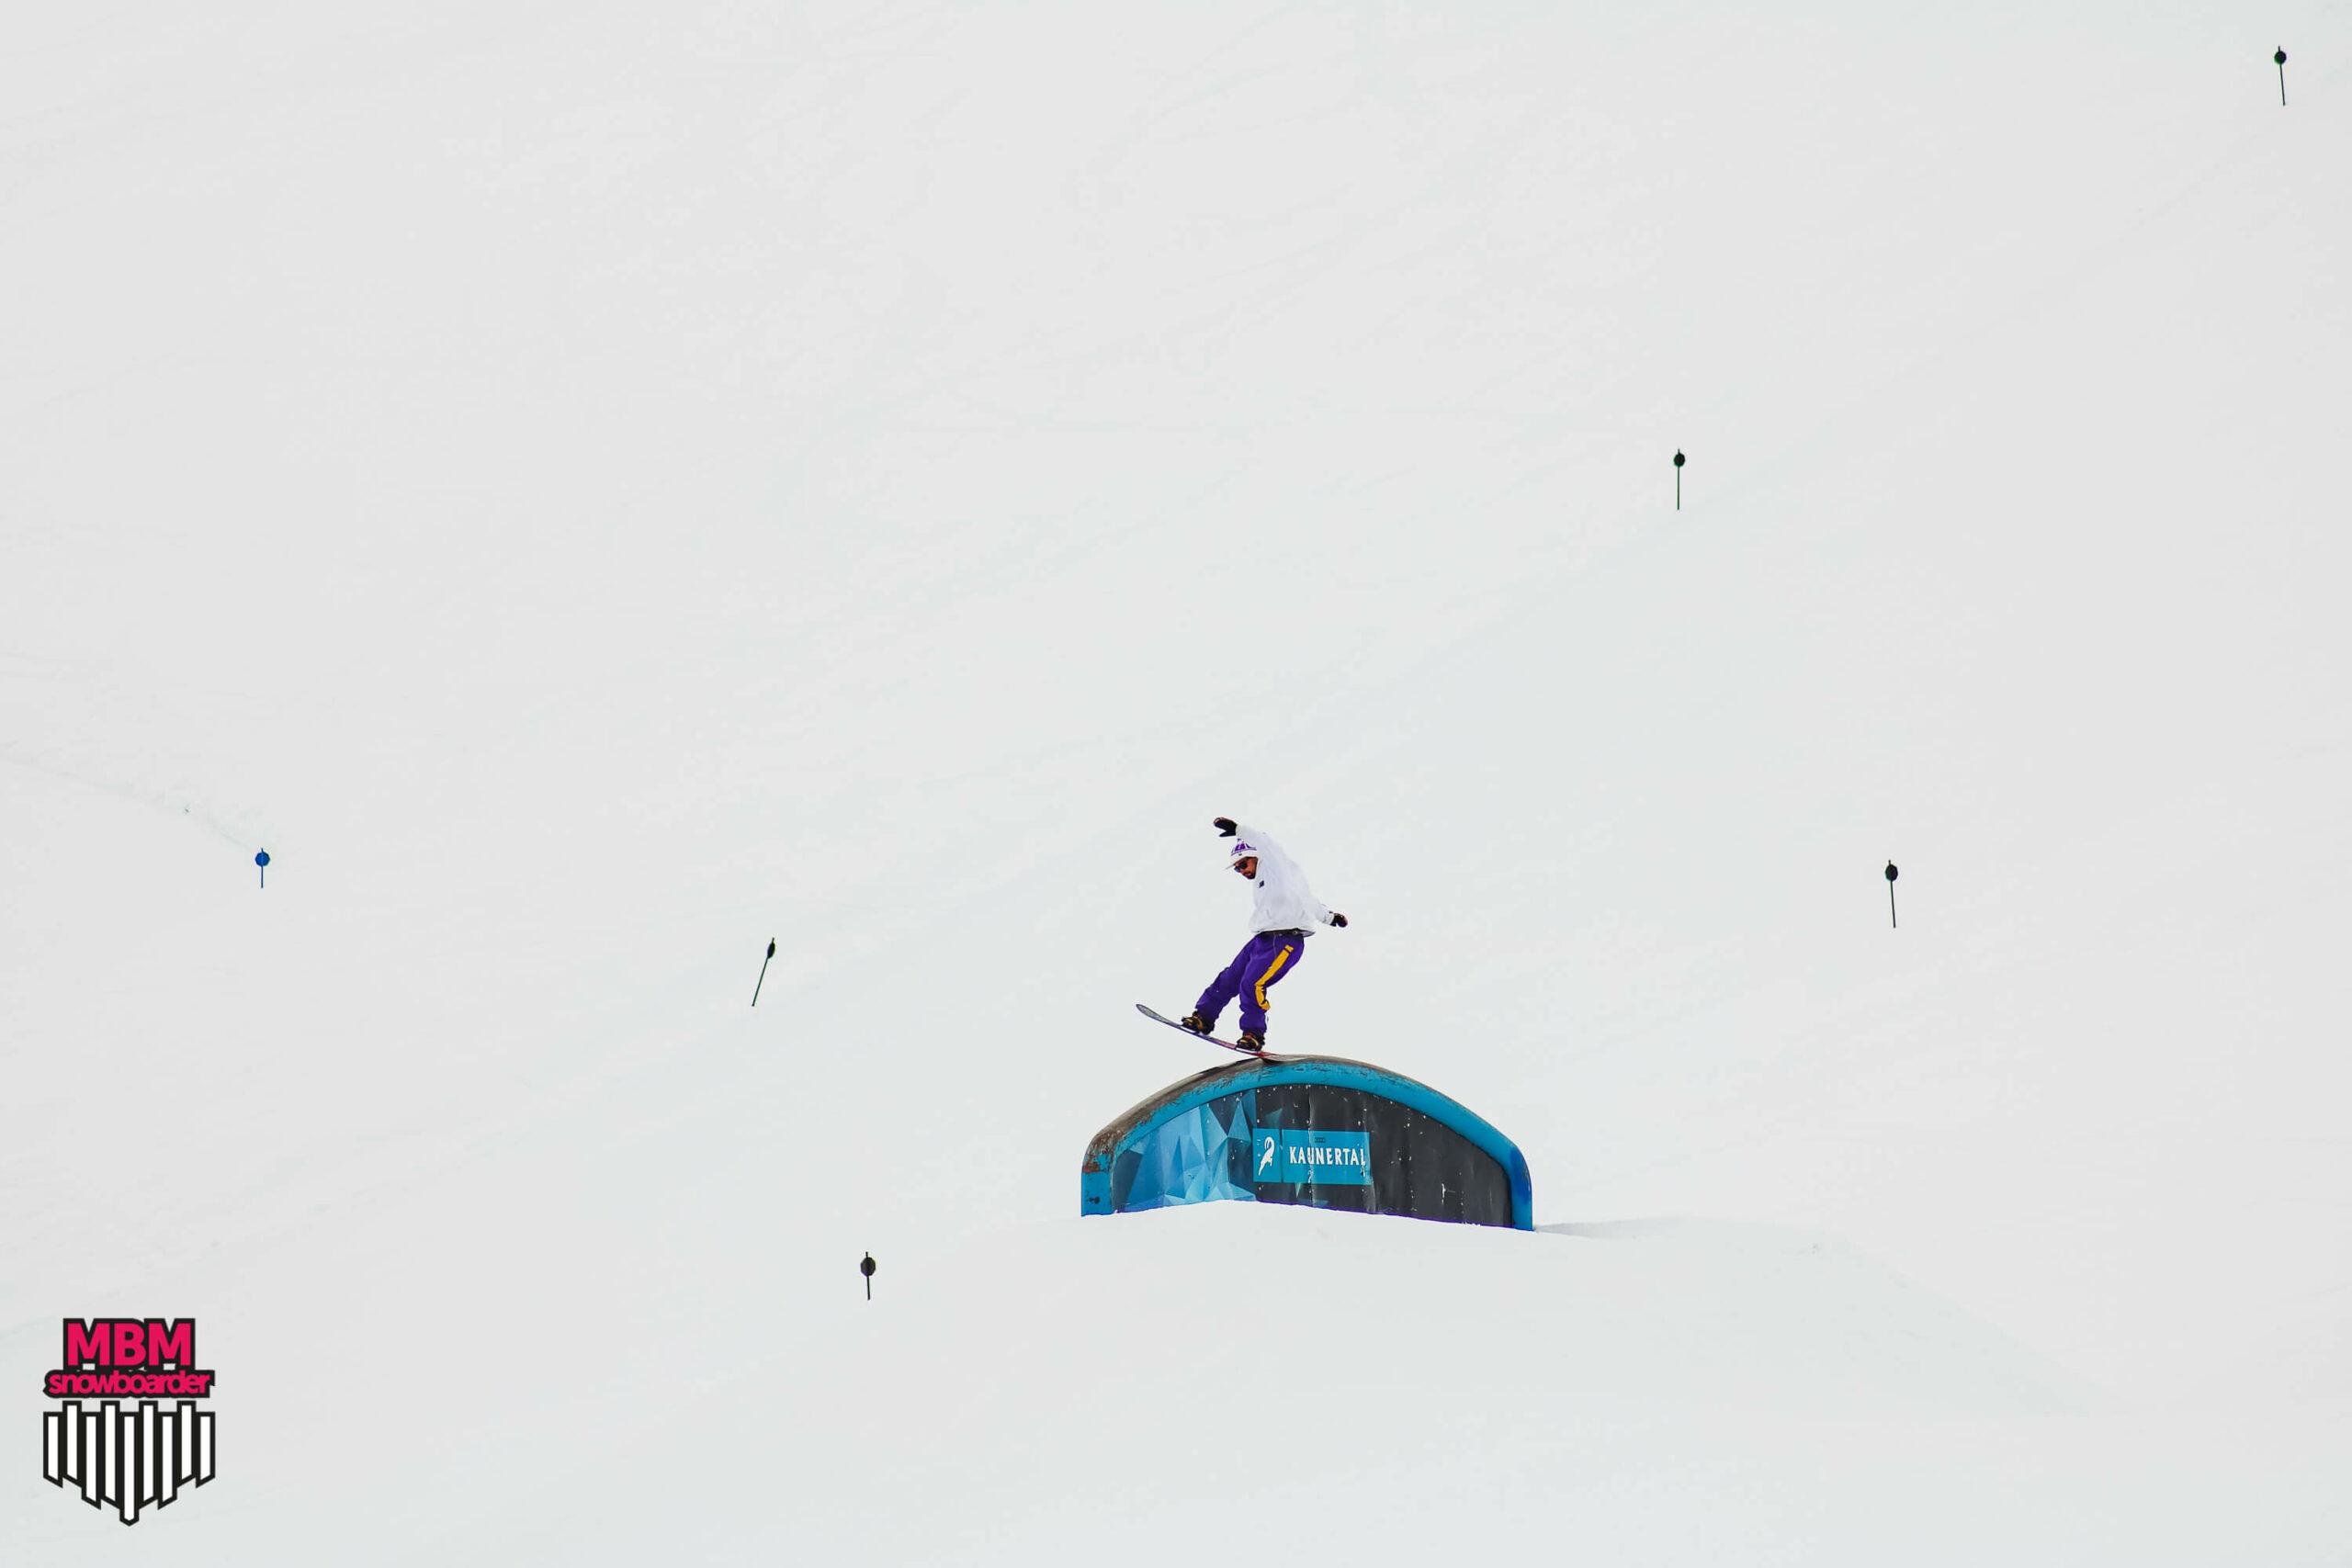 snowboarderMBM_sd_kaunertal_069